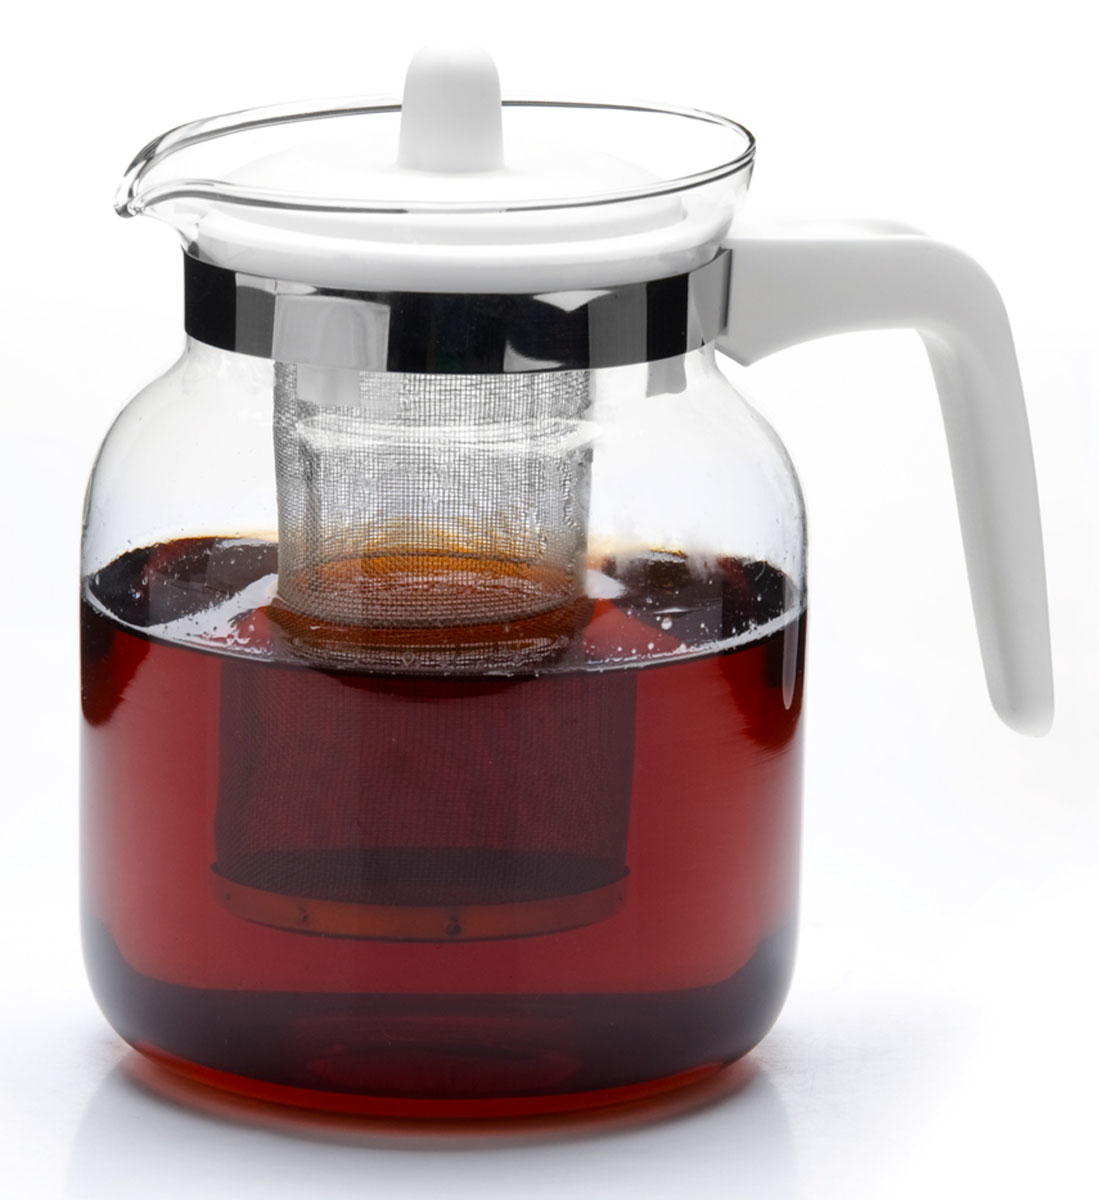 Чайник заварочный Mayer & Boch, 1,45 л. 26808-326808-3Заварочный чайник Mayer & Boch изготовлен из термостойкого боросиликатного стекла, фильтр выполнен из нержавеющей стали. Изделия из стекла не впитывают запахи, благодаря чему вы всегда получите натуральный, насыщенный вкус и аромат напитков.Заварочный чайник из стекла удобно использовать для повседневного заваривания чая практически любого сорта. Но цветочные, фруктовые, красные и желтые сорта чая лучше других раскрывают свой вкус и аромат при заваривании именно в стеклянных чайниках, а также сохраняют все полезные ферменты и витамины, содержащиеся в чайных листах. Стальной фильтр гарантирует прозрачность и чистоту напитка от чайных листьев, при этом сохранив букет и насыщенность чая. Прозрачные стенки чайника дают возможность насладиться насыщенным цветом заваренного чая.Изящный заварочный чайник Mayer & Boch будет прекрасно смотреться в любом интерьере.Подходит для мытья в посудомоечной машине.